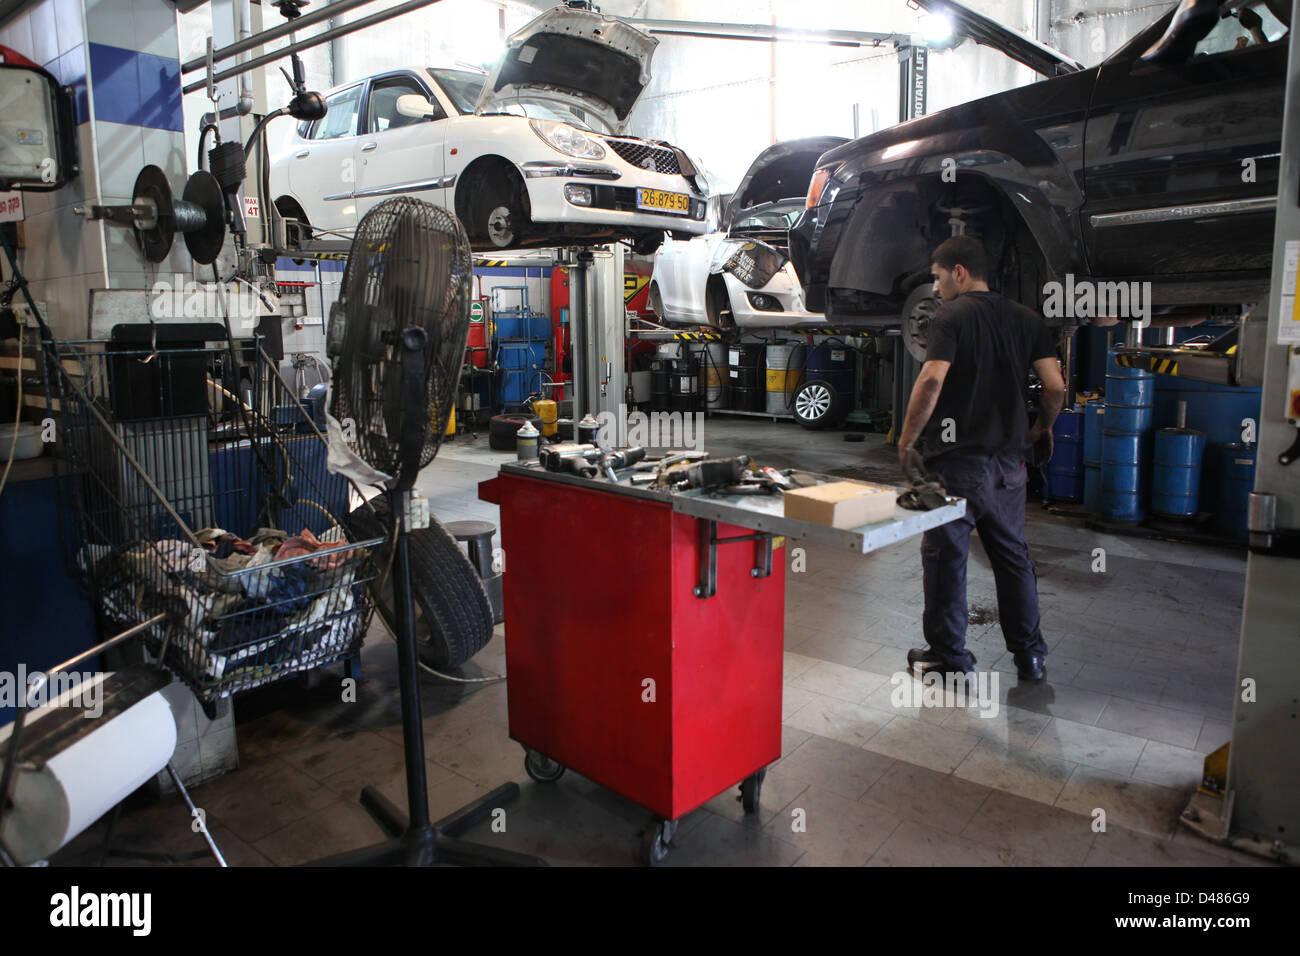 En cours d'entretien de voiture à un atelier de réparation Photo Stock